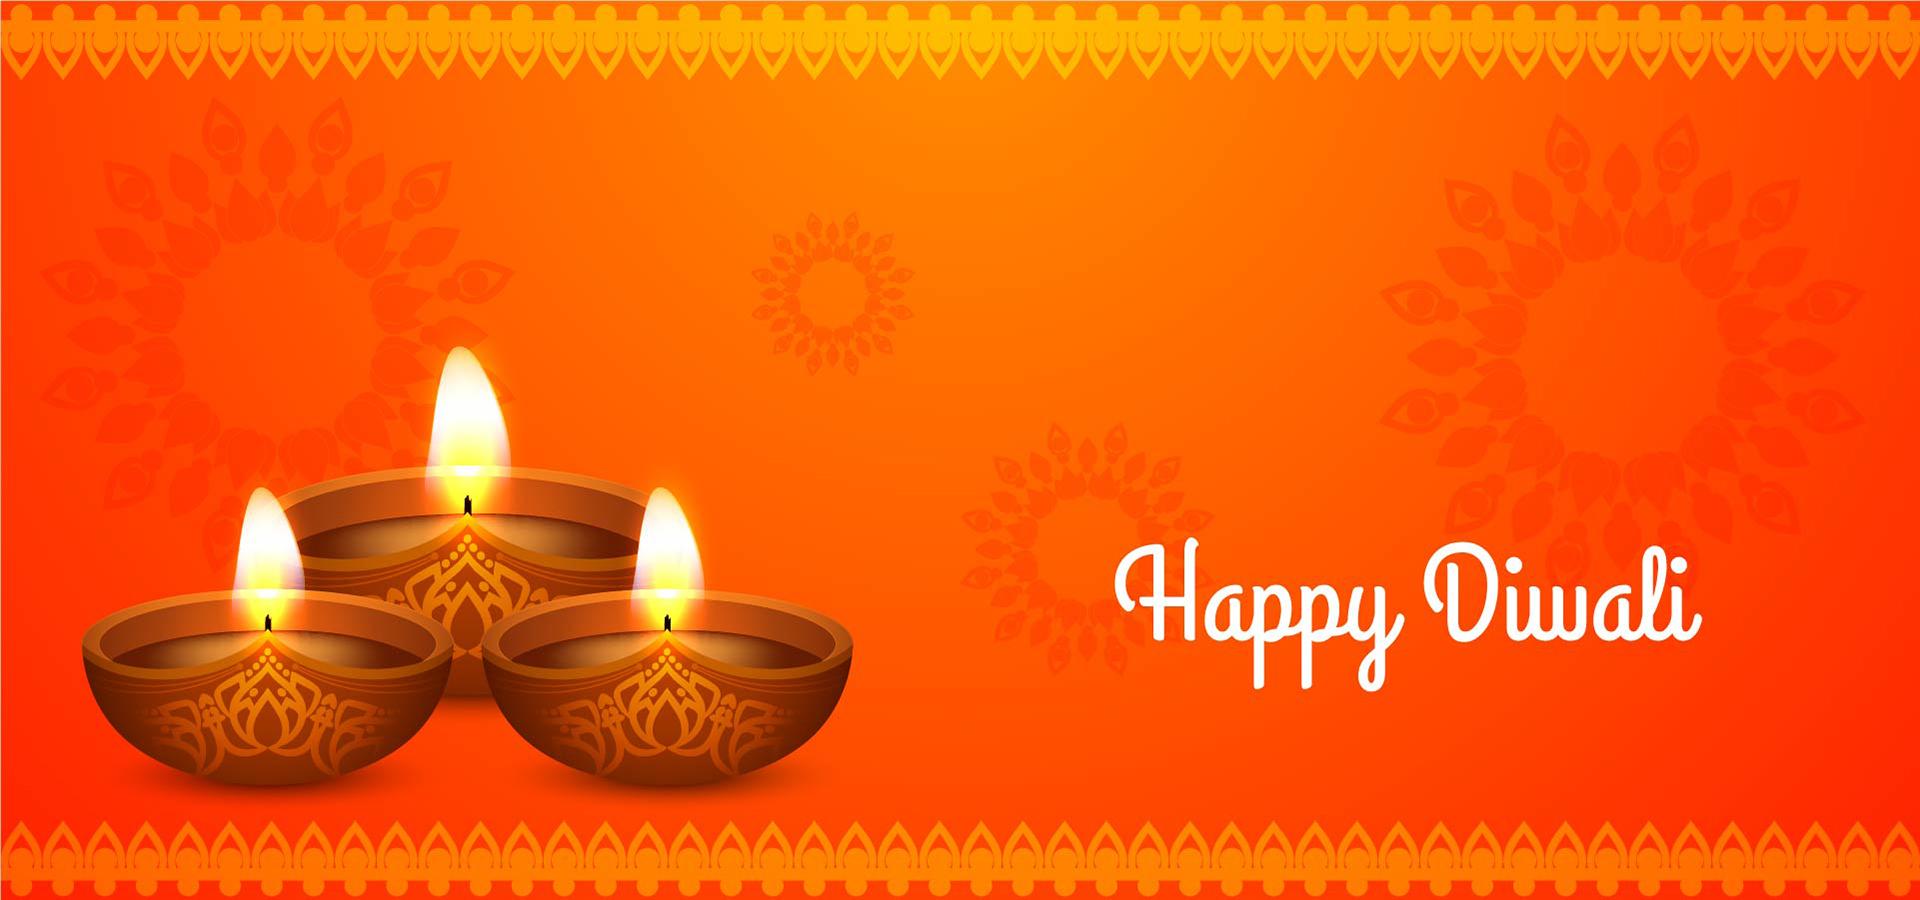 Joyeux Diwali Beau Design Orange Telecharger Vectoriel Gratuit Clipart Graphique Vecteur Dessins Et Pictogramme Gratuit